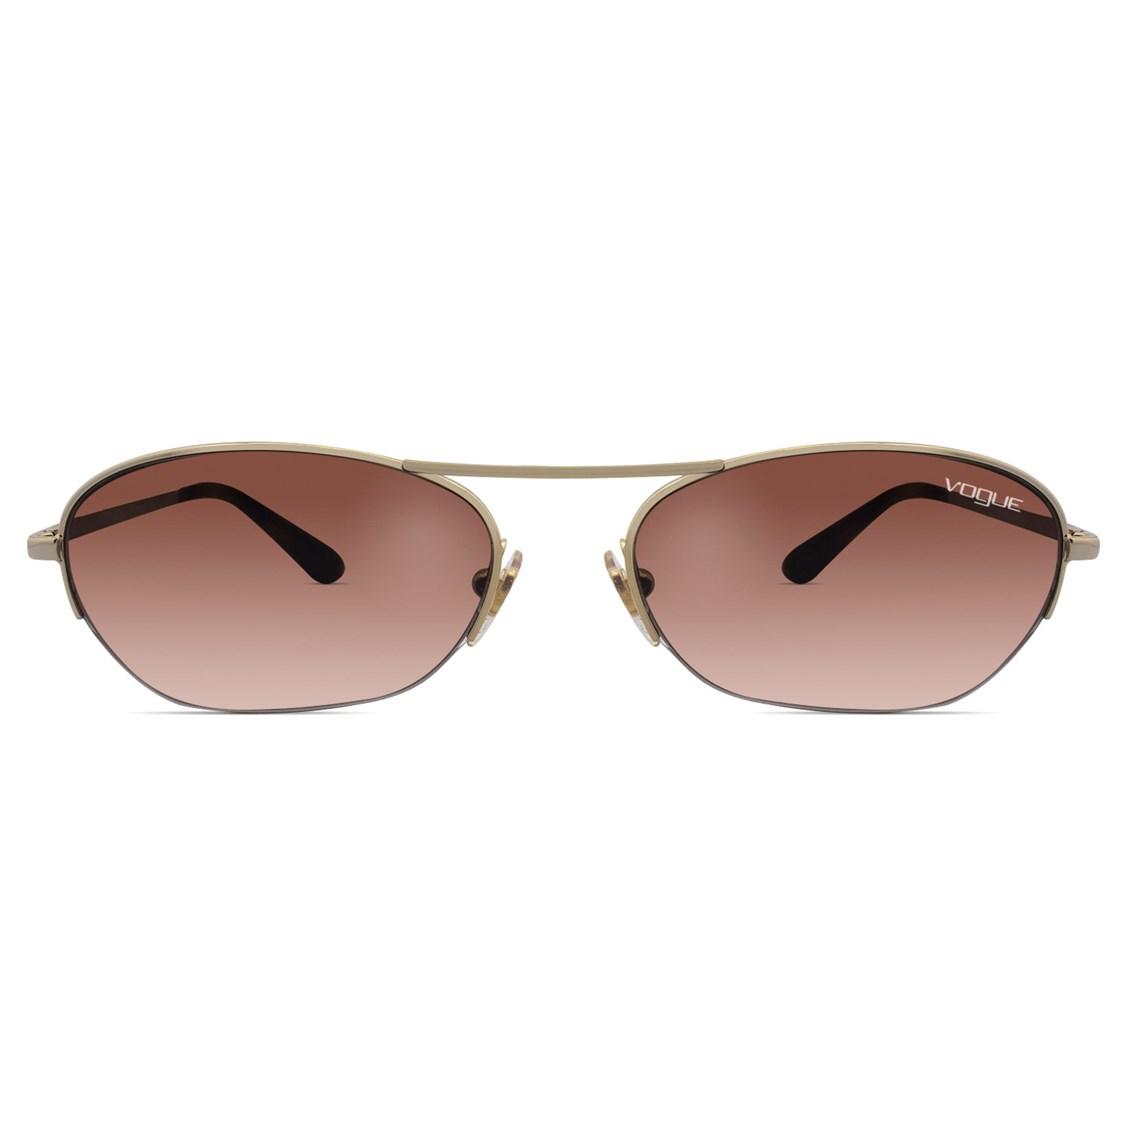 Óculos de Sol Vogue Special Collection by Gigi Hadid VO4107S 848/13-54